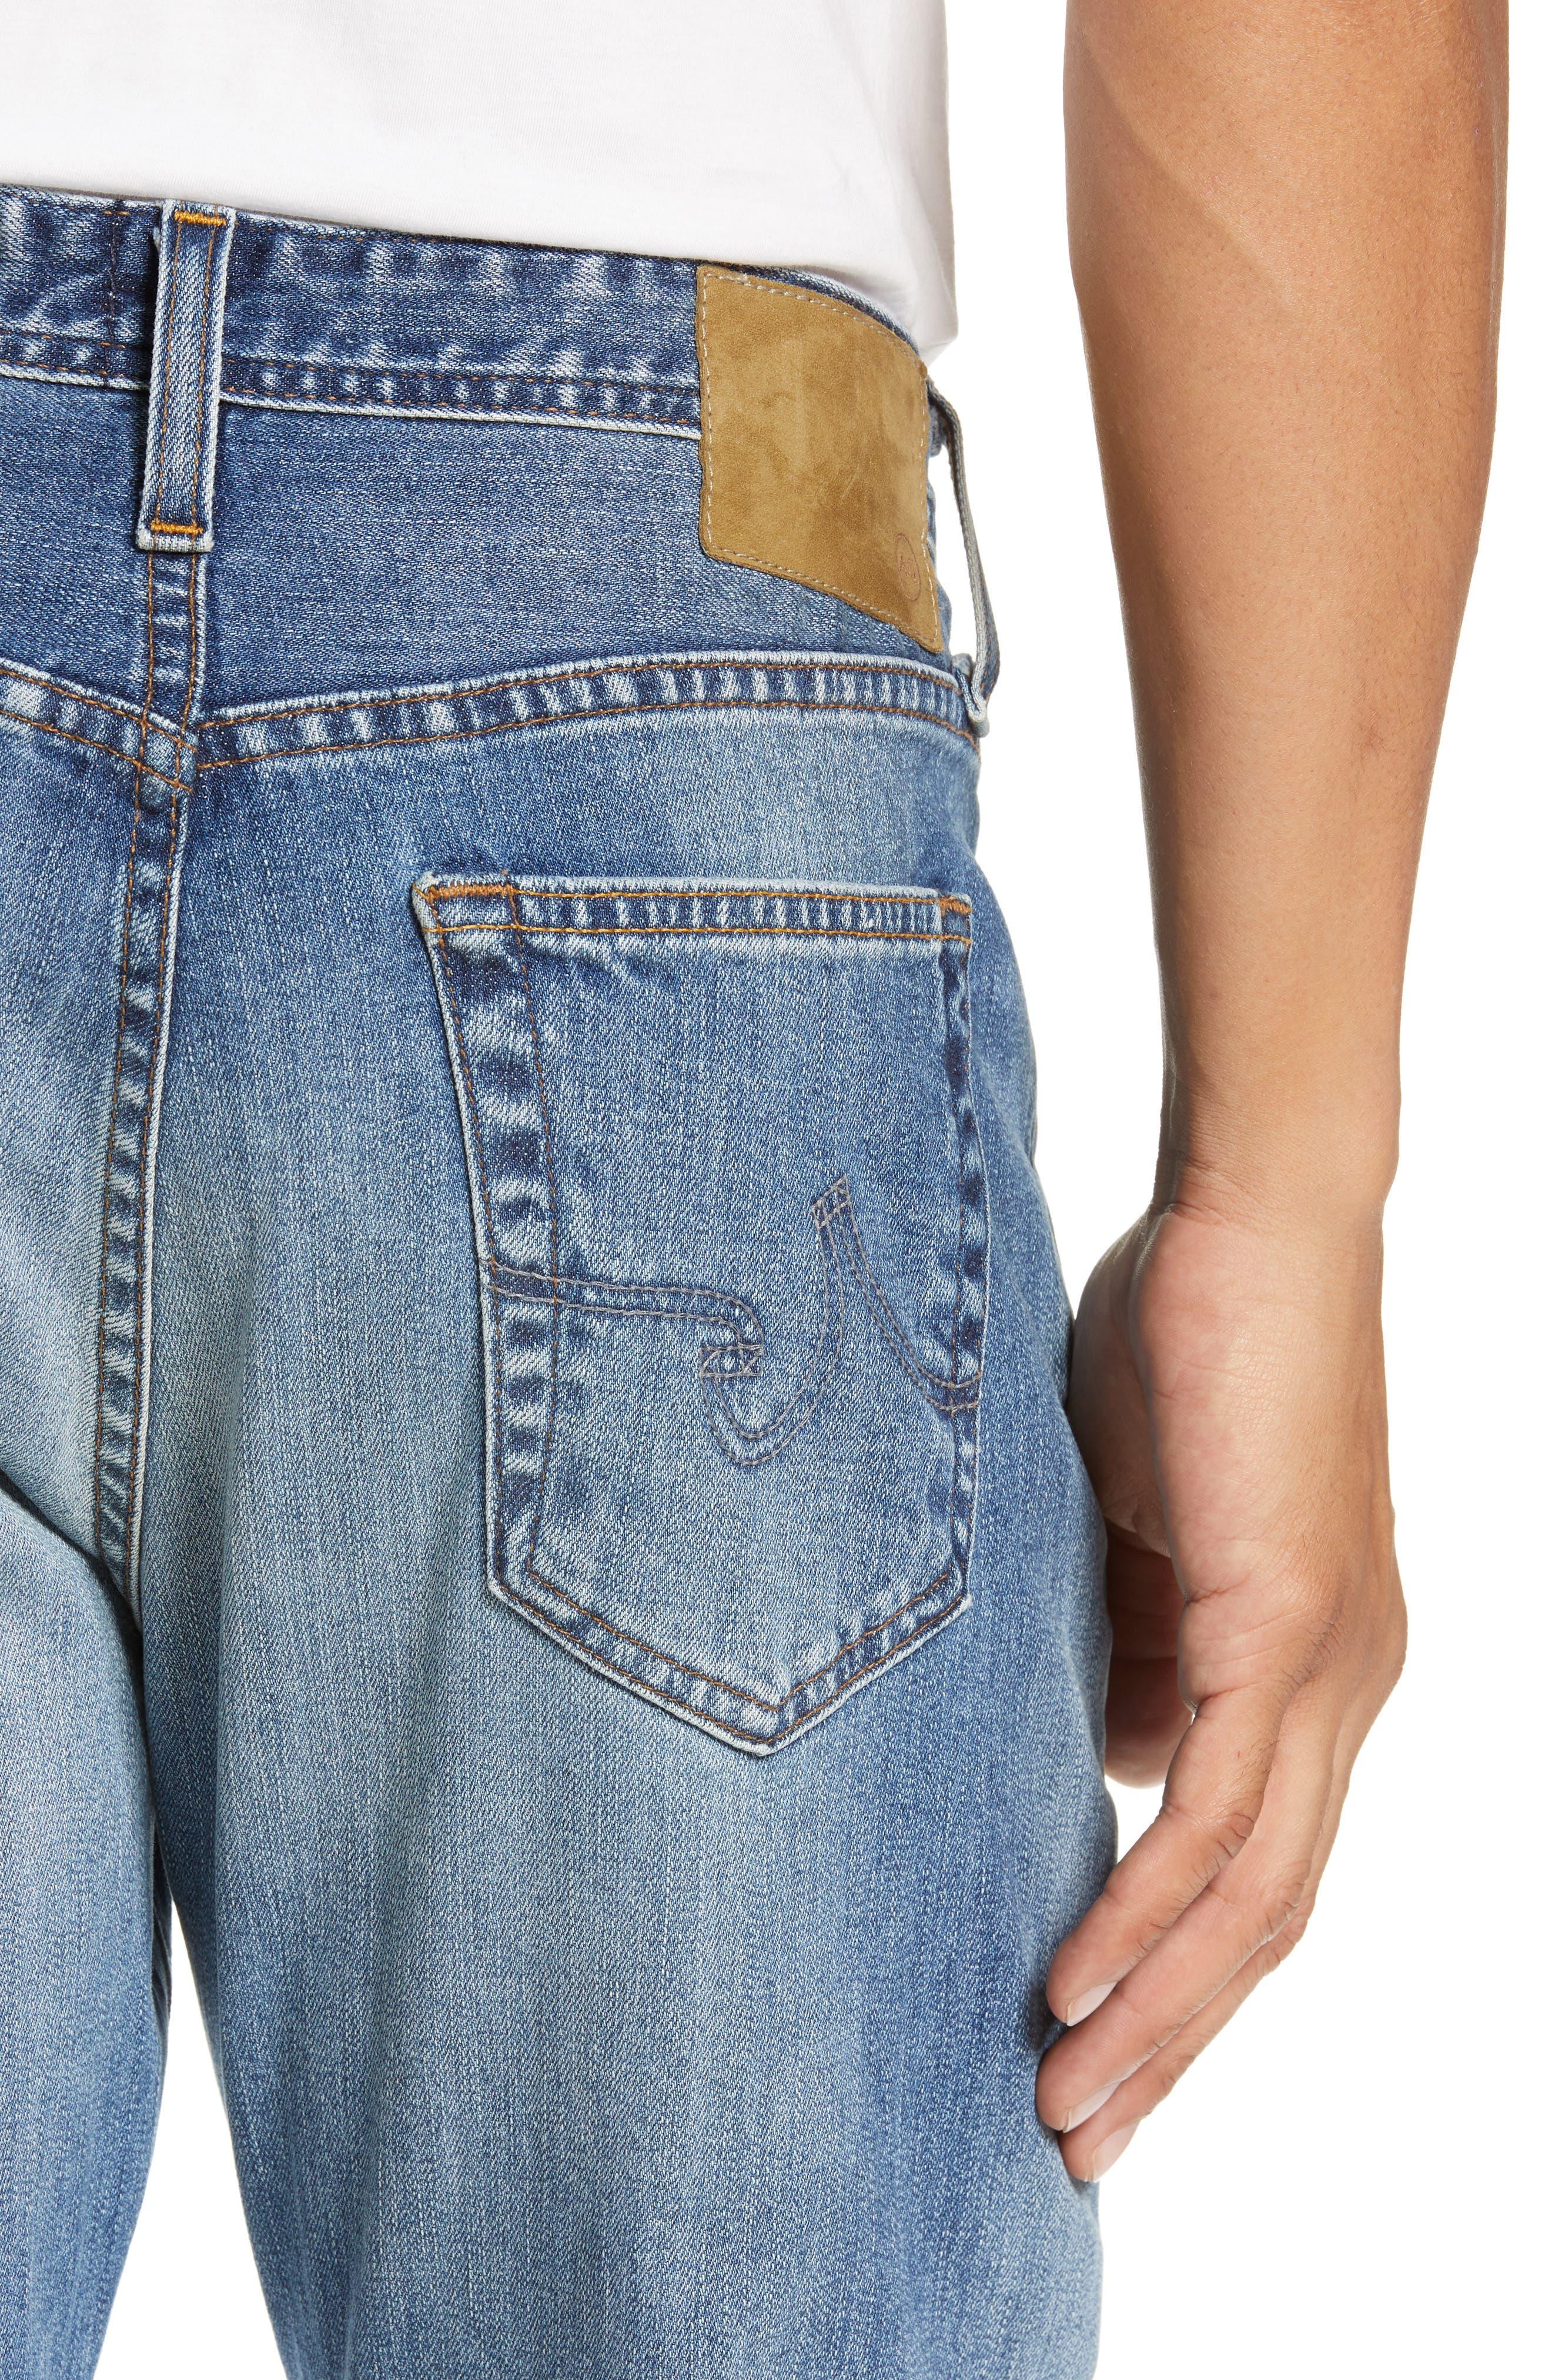 Everett Slim Straight Leg Jeans,                             Alternate thumbnail 4, color,                             21 YEARS SEIZE